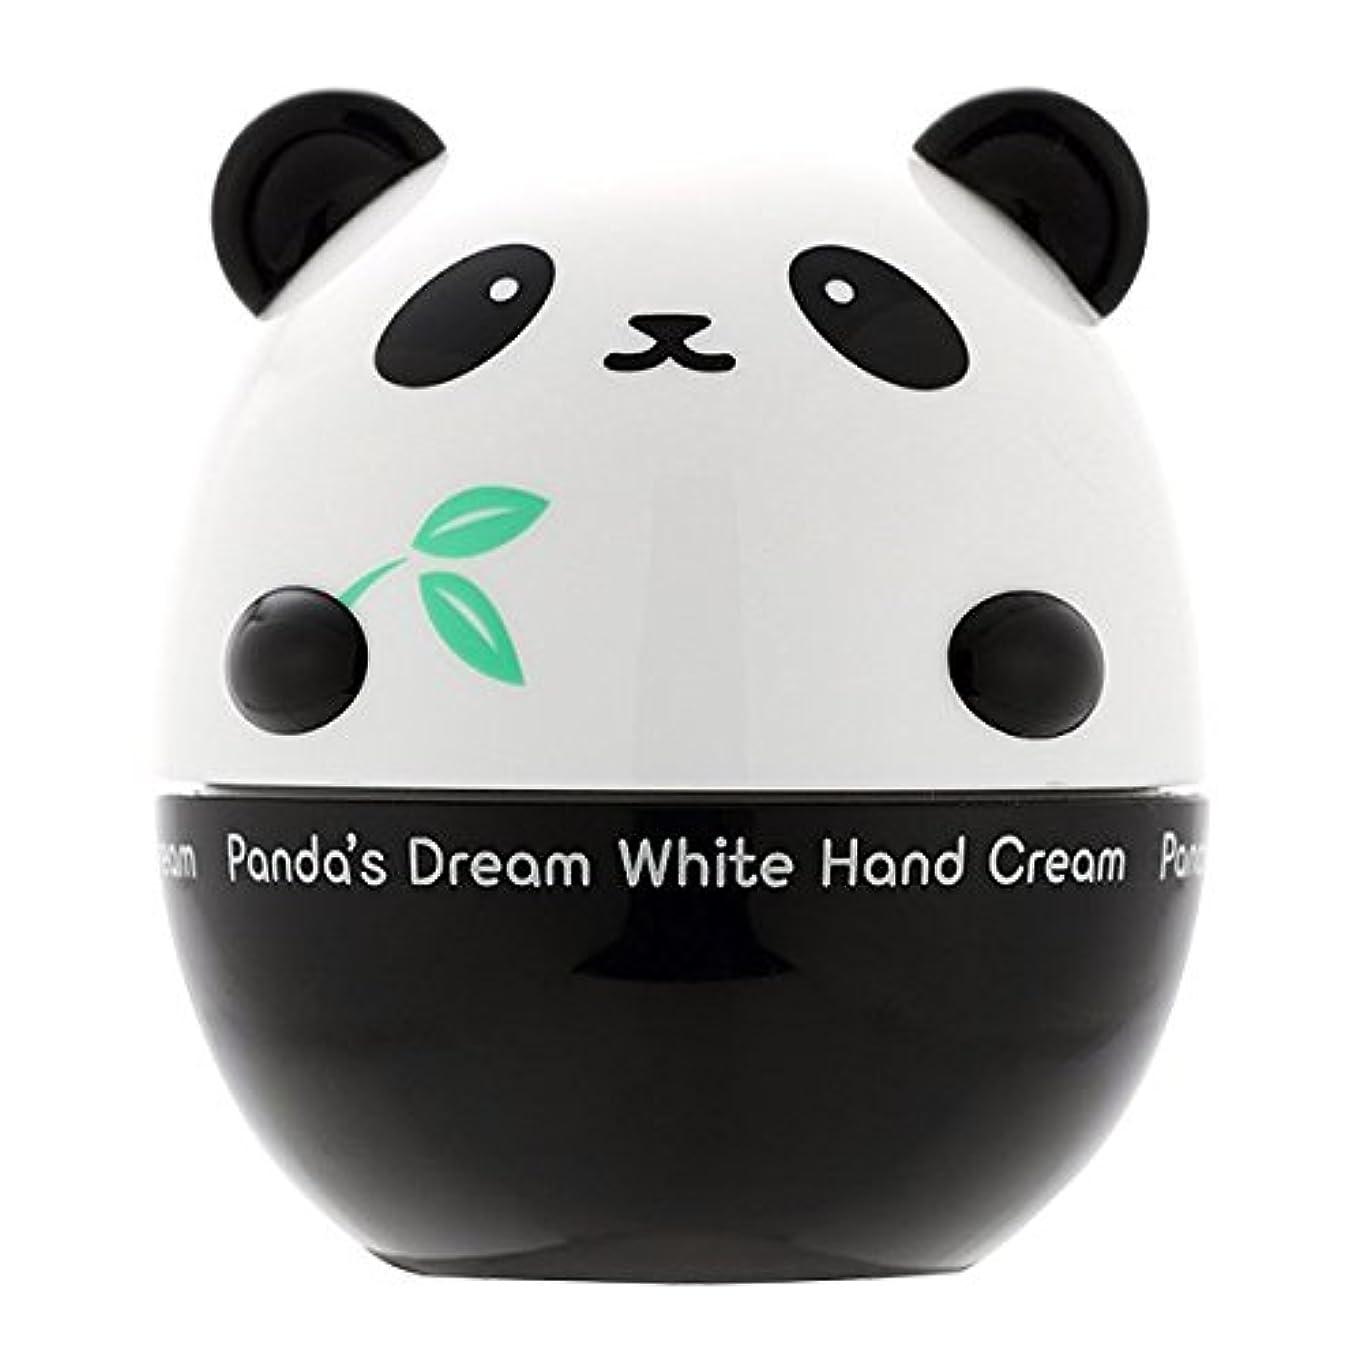 瞑想的変色するアボートTONYMOLY パンダのゆめ ホワイトマジッククリーム 50g Panda's Dream White Magic Cream 照明クリームトニーモリー下地の代わりに美肌クリーム美肌成分含有 【韓国コスメ】トニーモリー